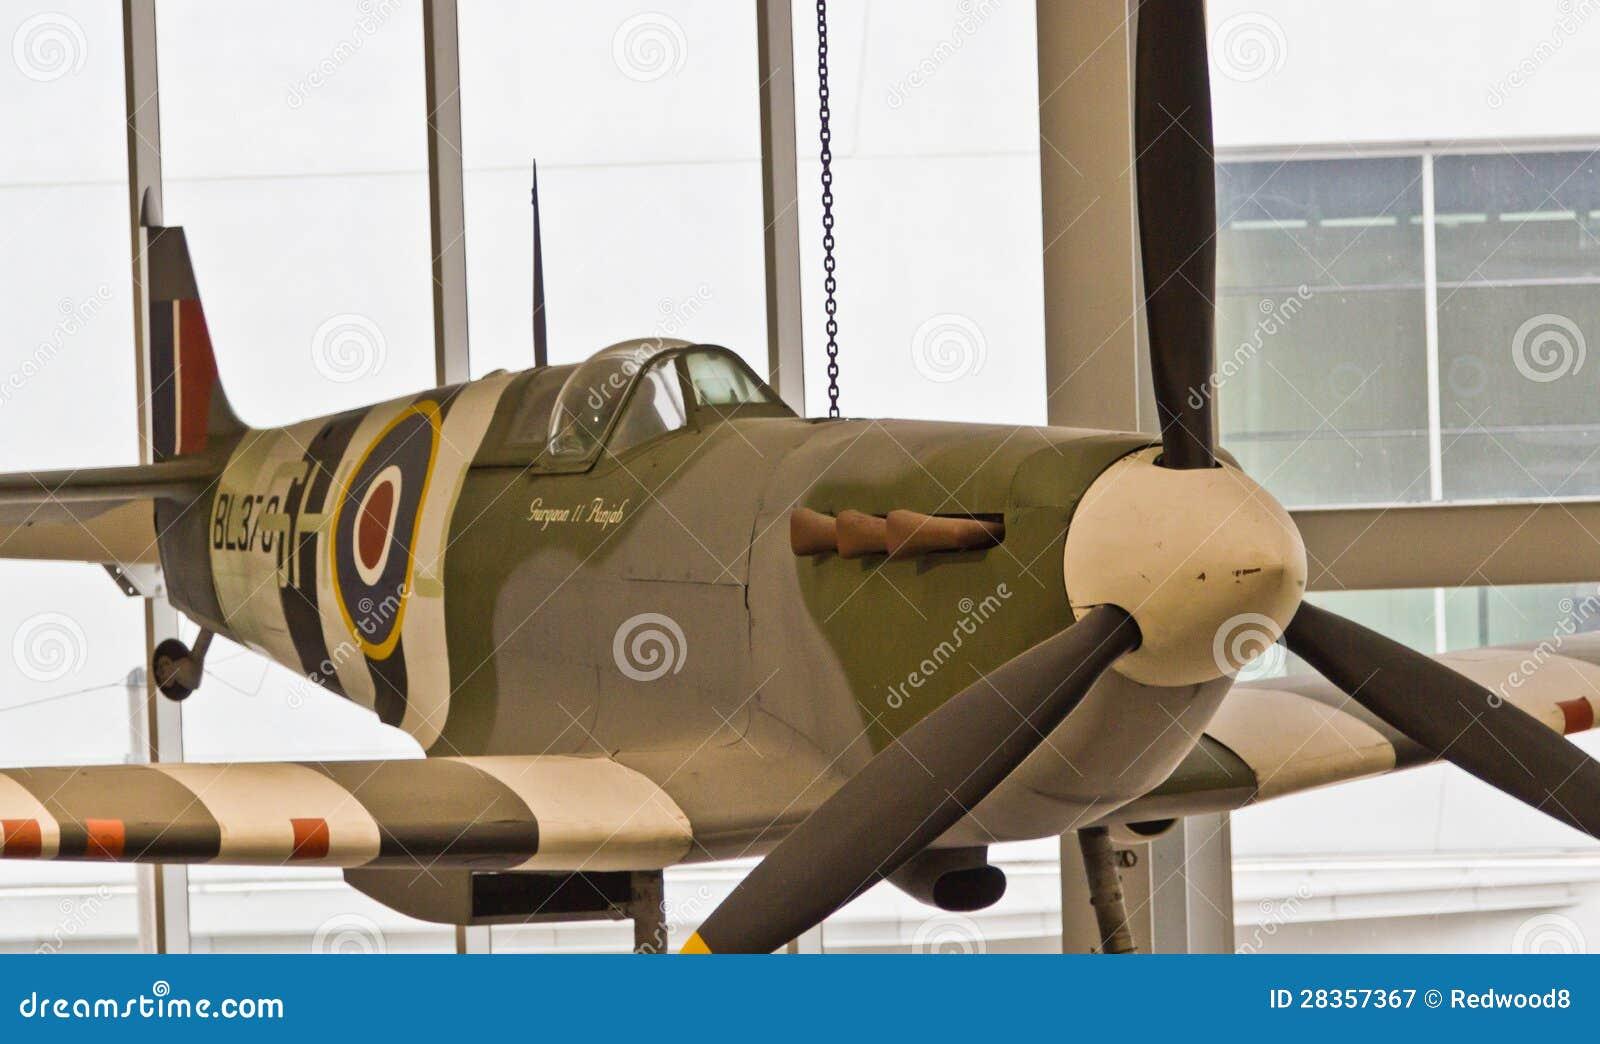 Aereo Da Guerra Caccia : Aereo da caccia delle spitfire fotografia editoriale